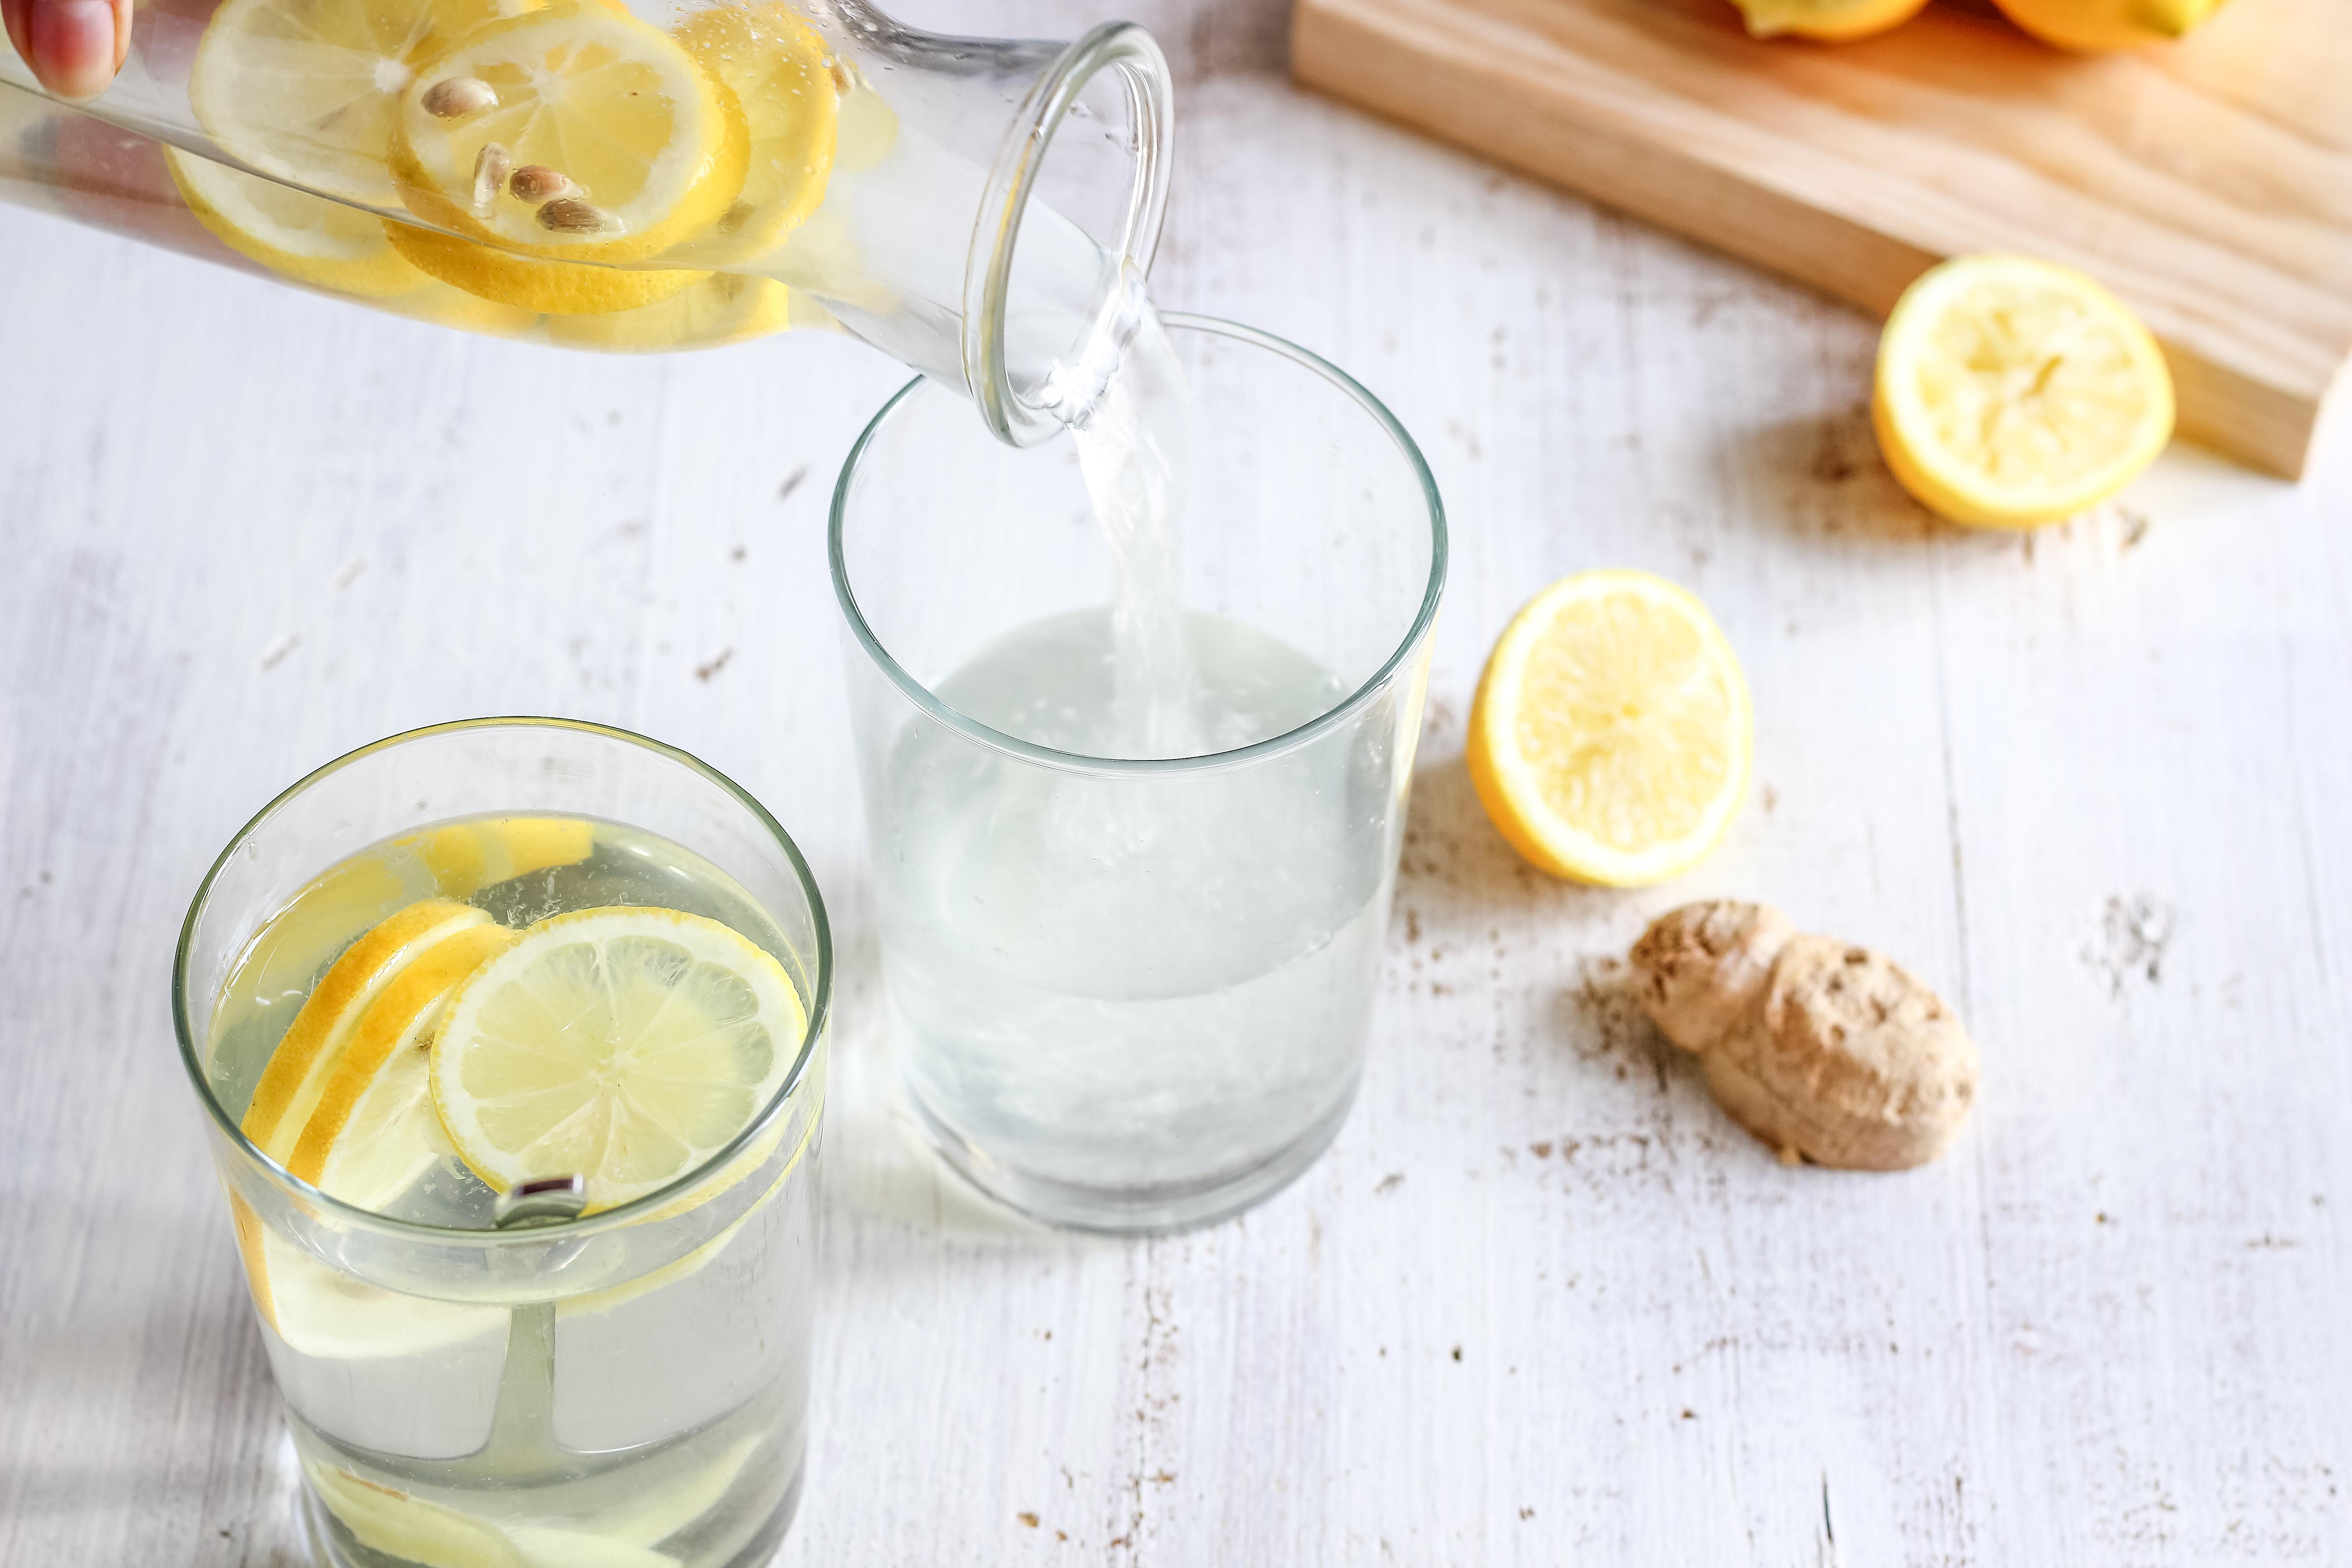 méregtelenítés citrommal